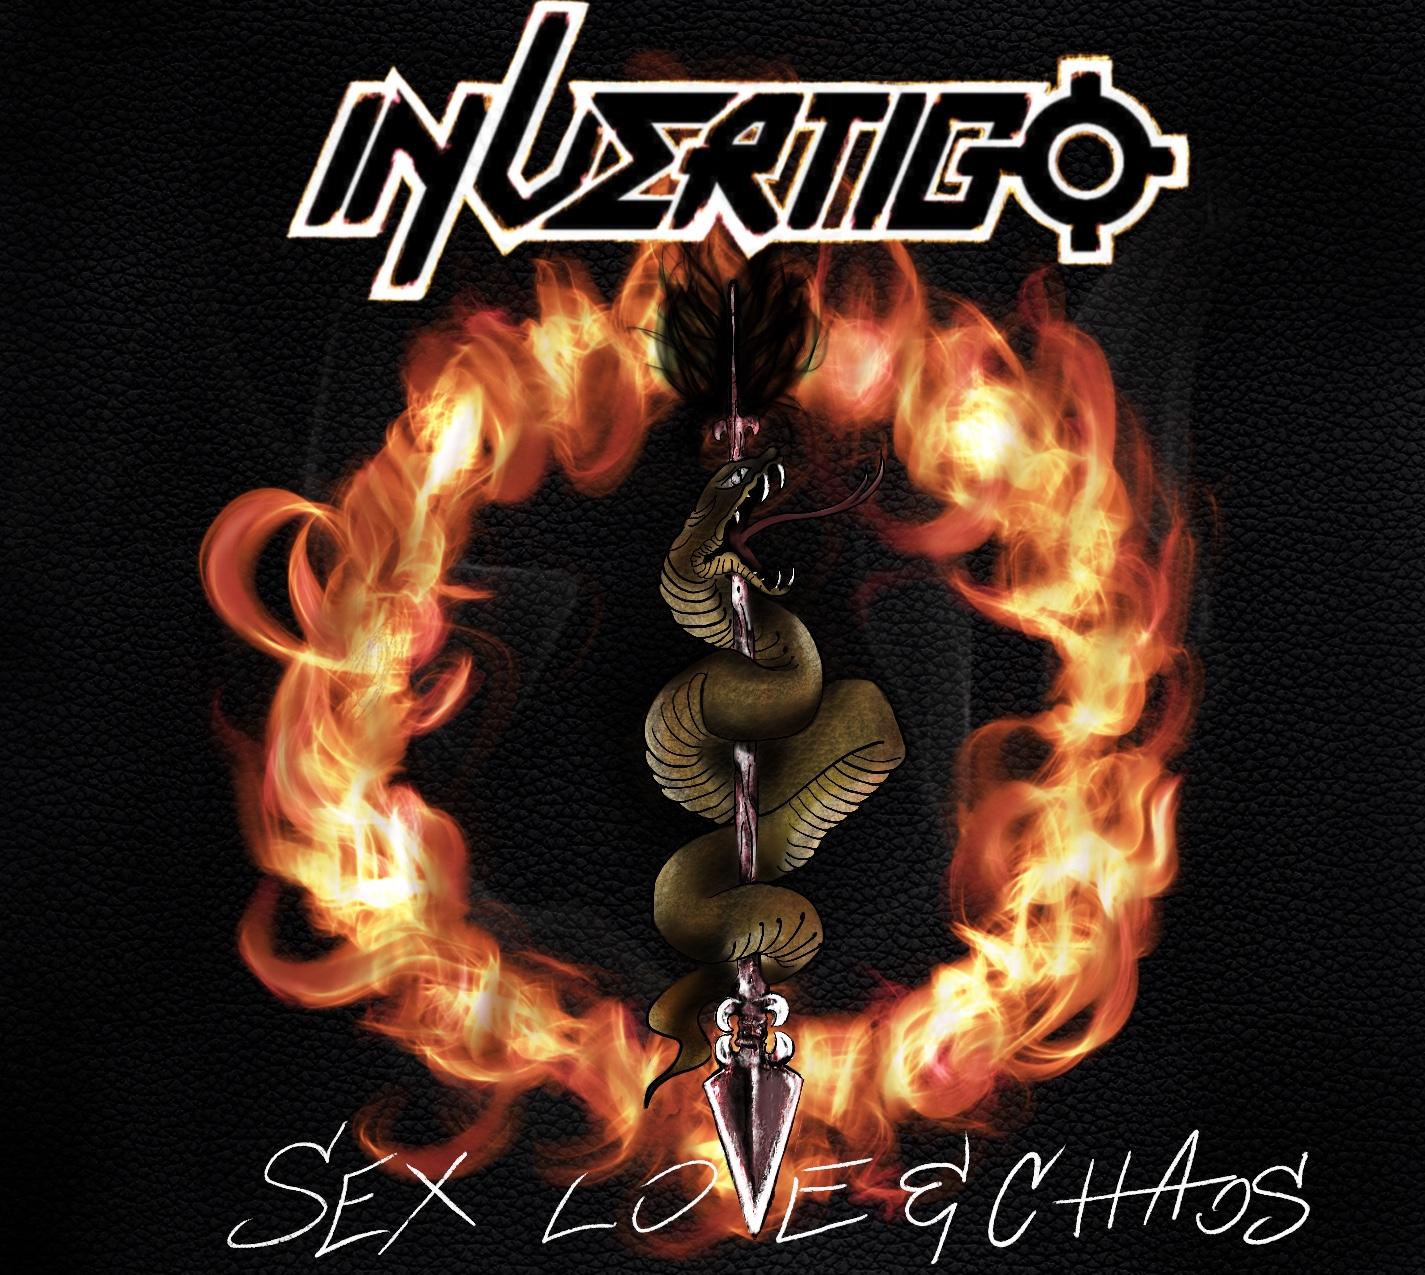 CD Cover.jpeg